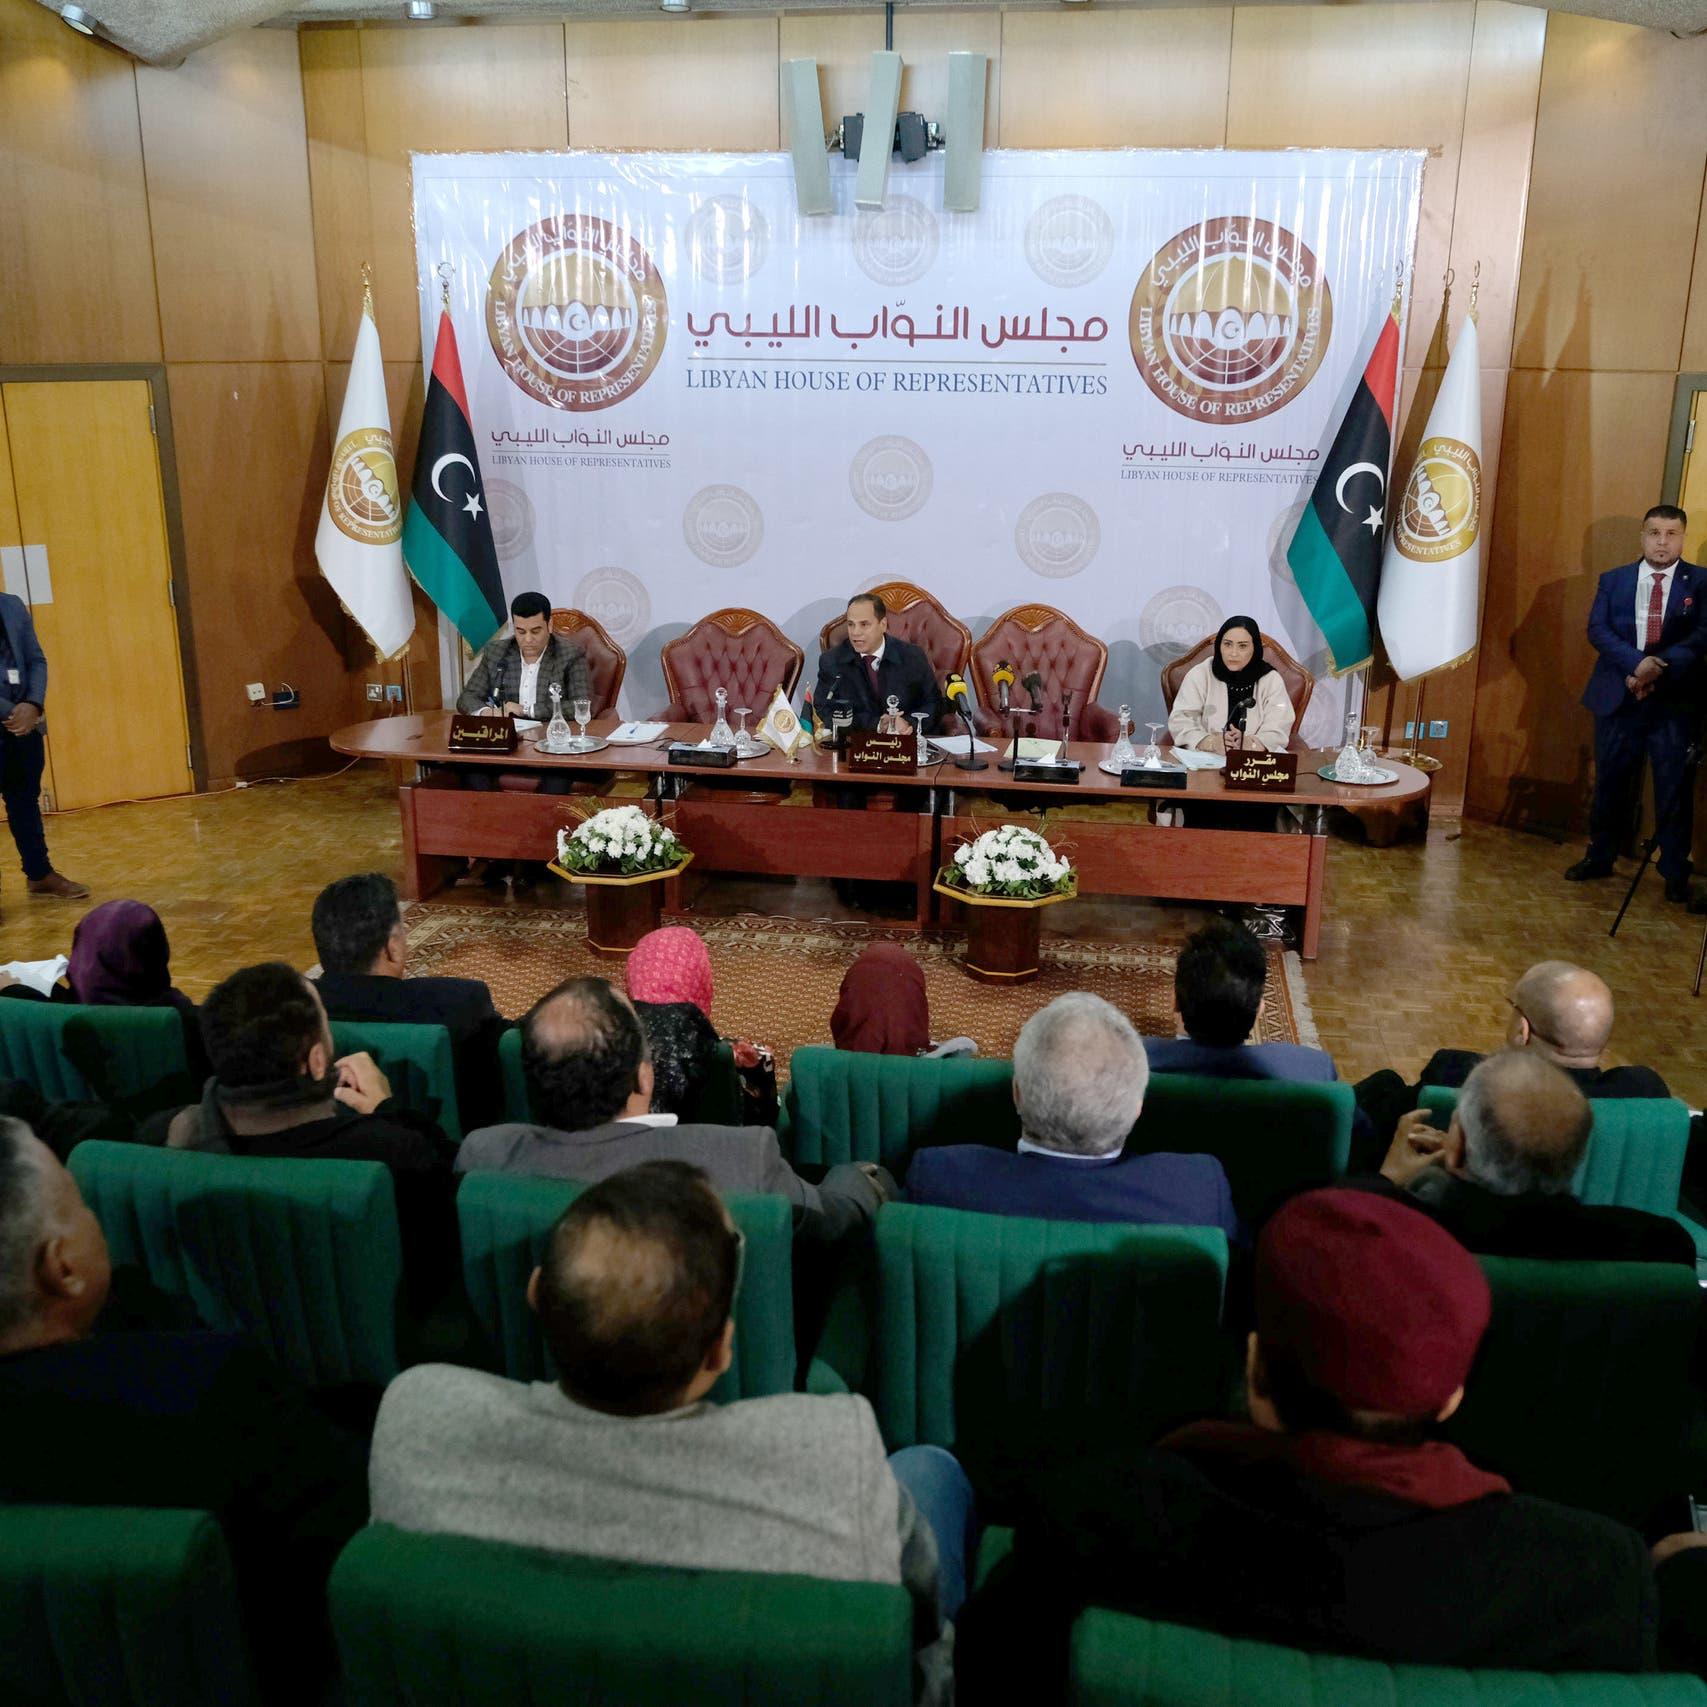 برلمان ليبيا يصوت على قطع العلاقات مع تركيا وإغلاق السفارات بين البلدين